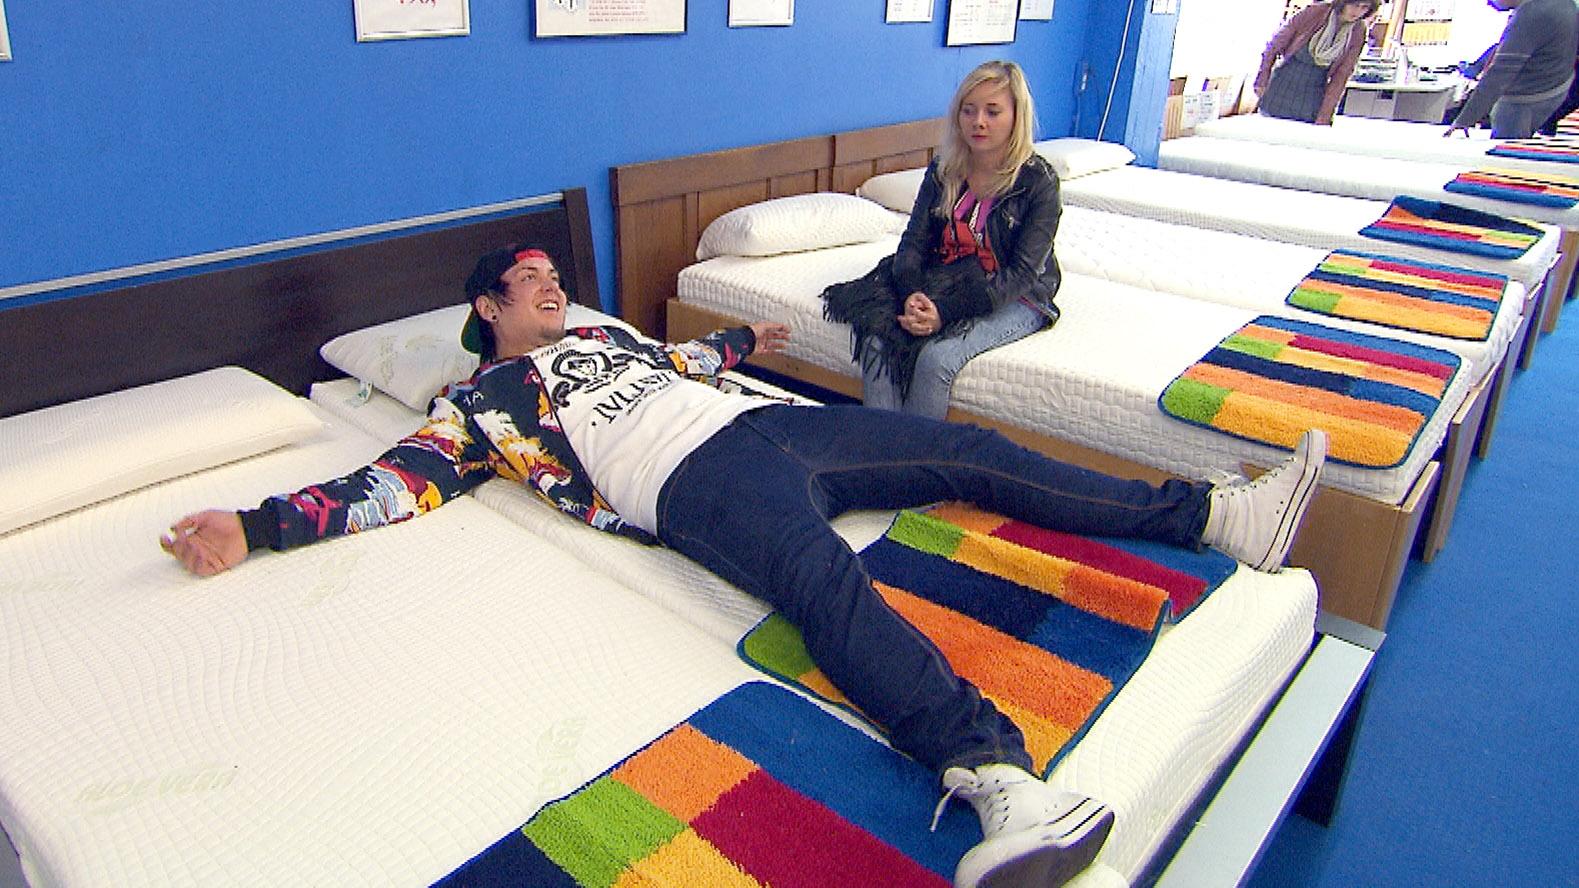 Kevin und Chantal wollen eine Matratze kaufen.. (Quelle: RTL 2)